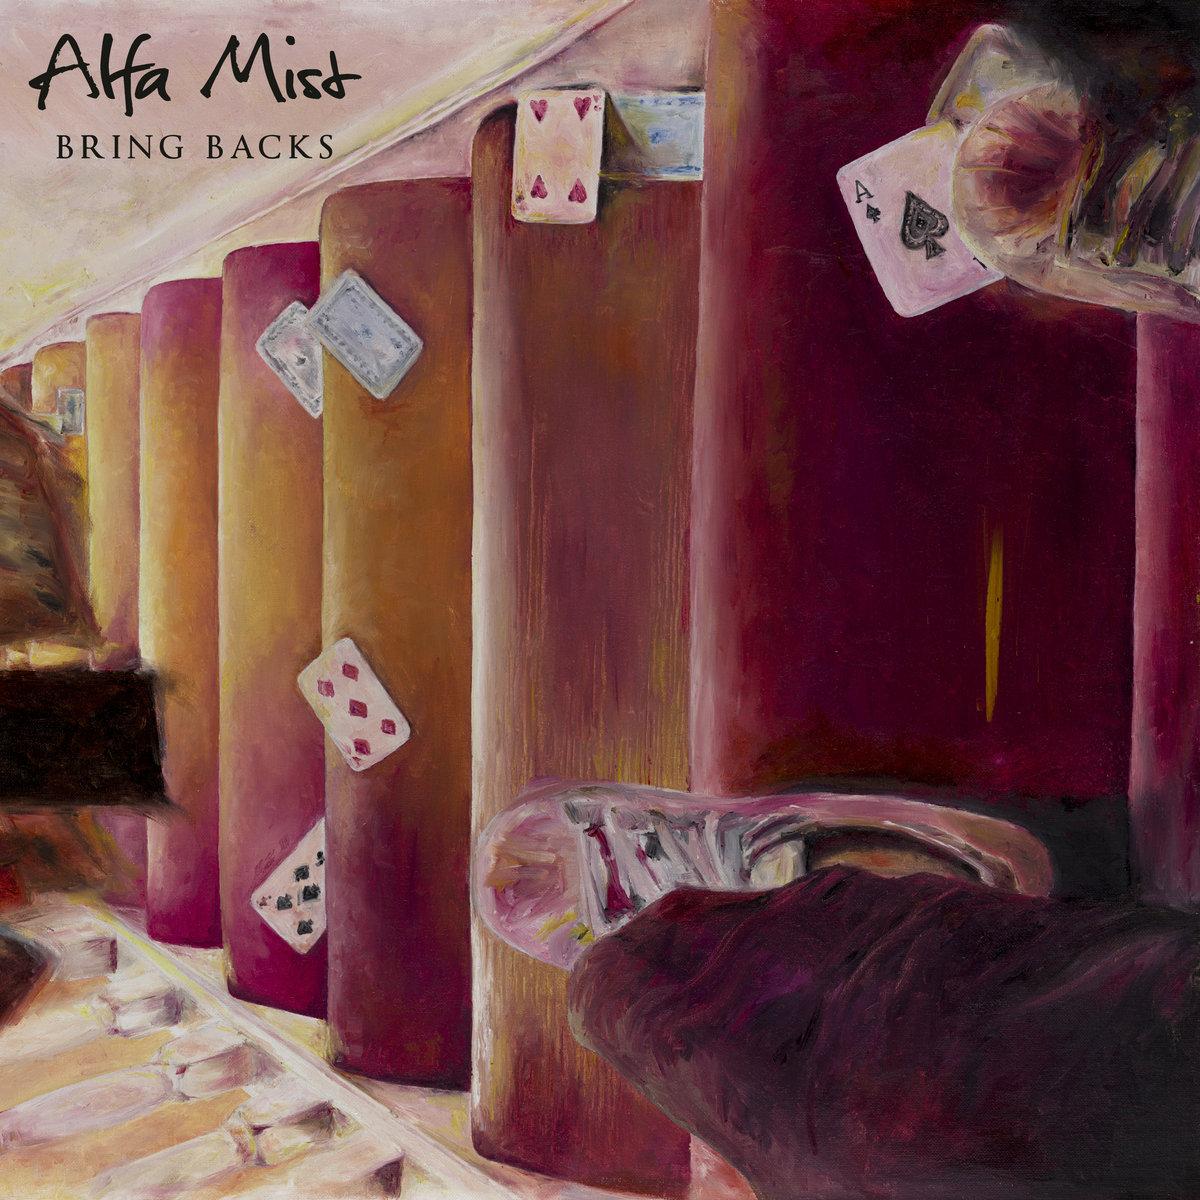 Bring Backs | Alfa Mist